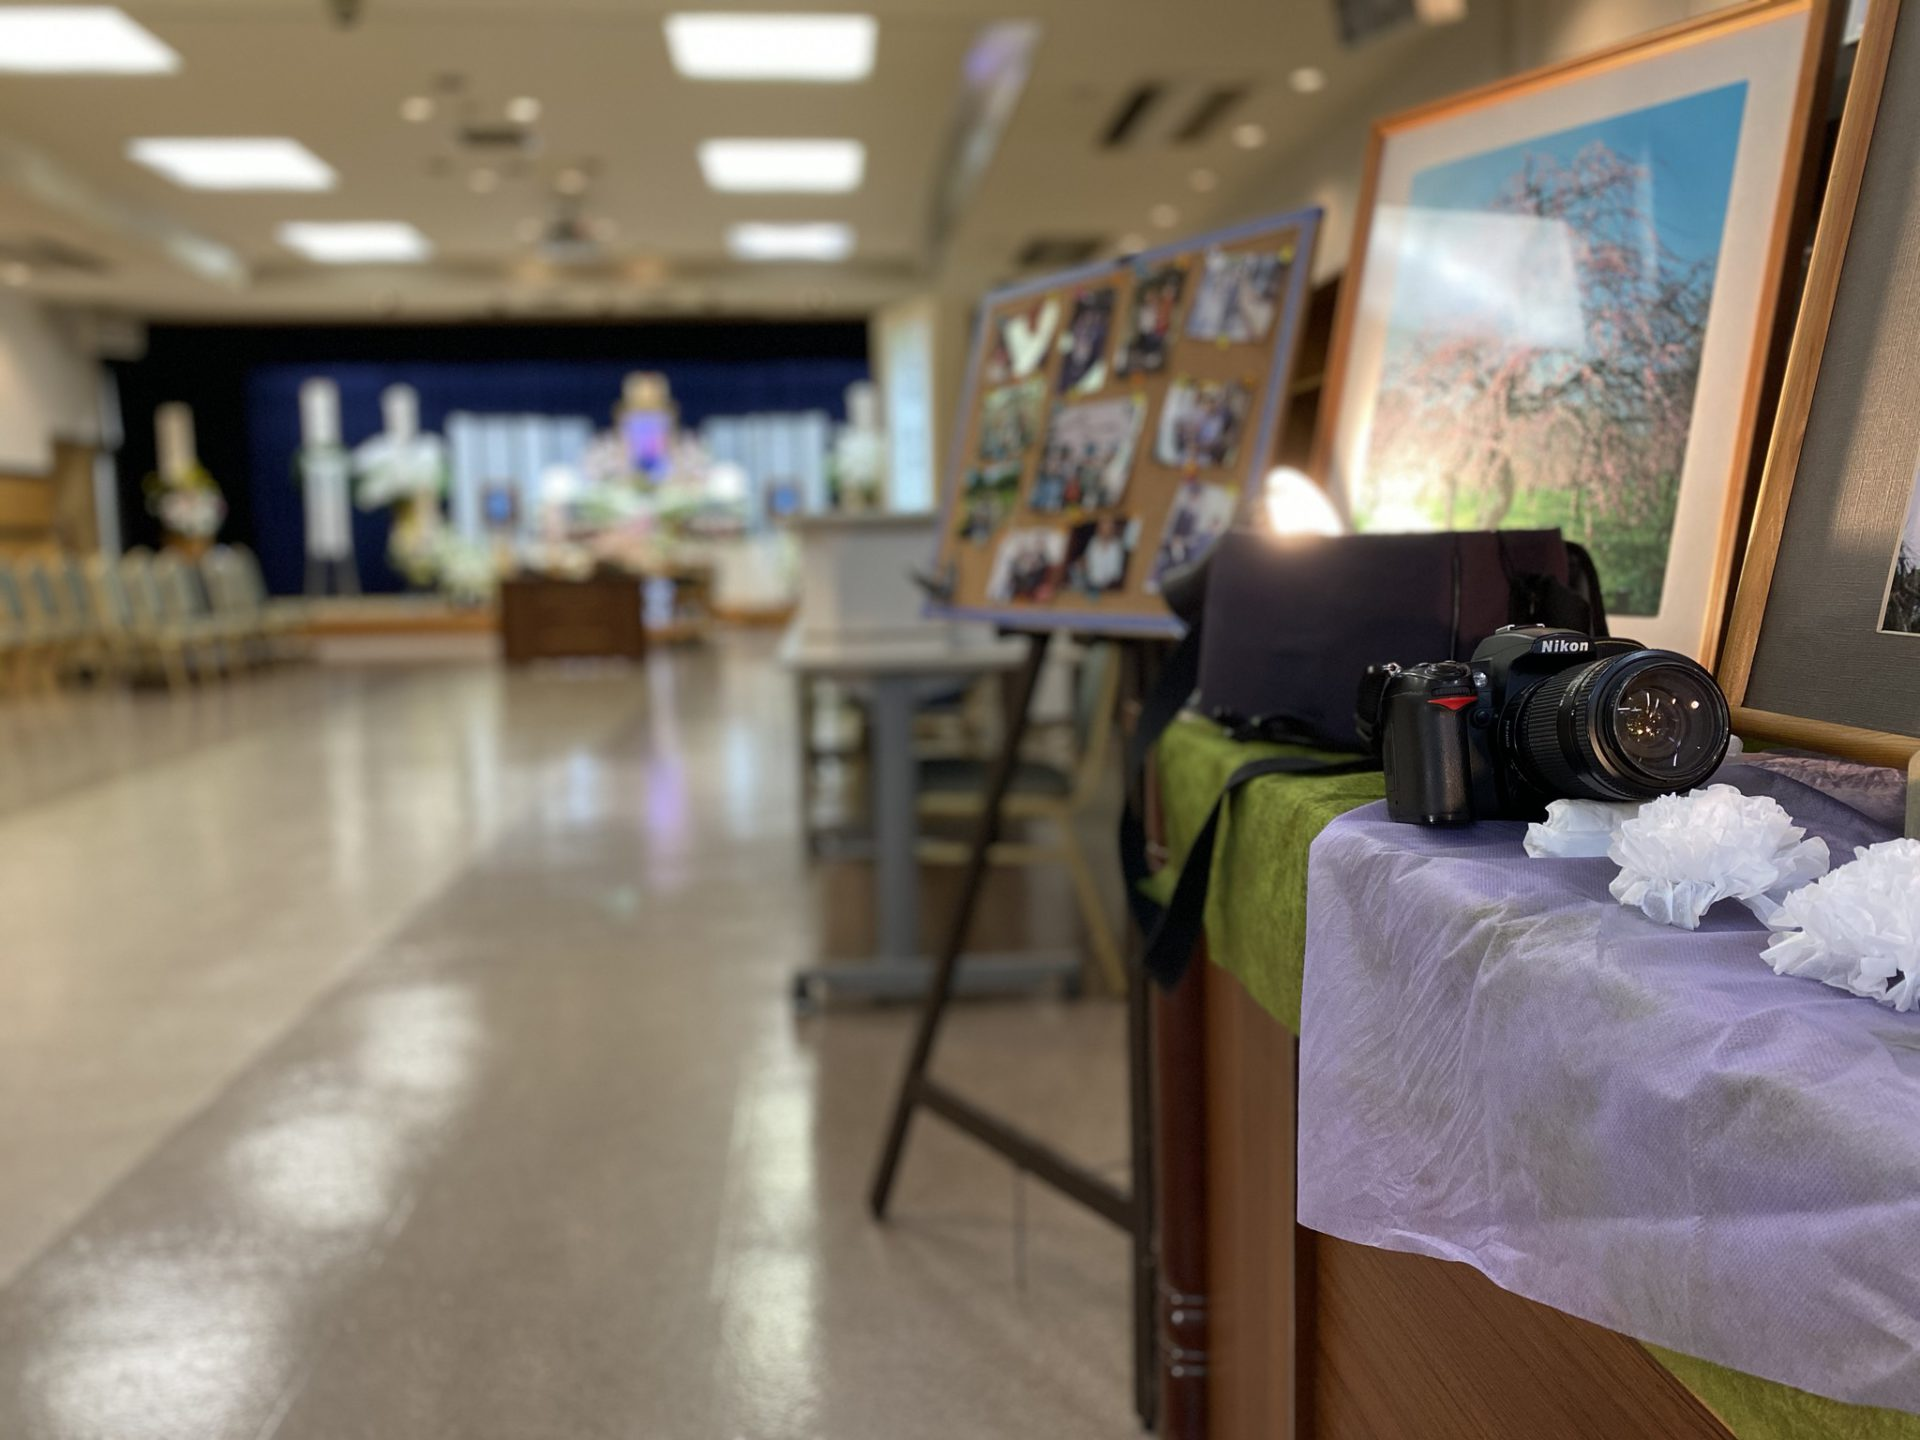 名古屋市西区 平安会館 浄心斎場 故人様が好きだったカメラのお写真